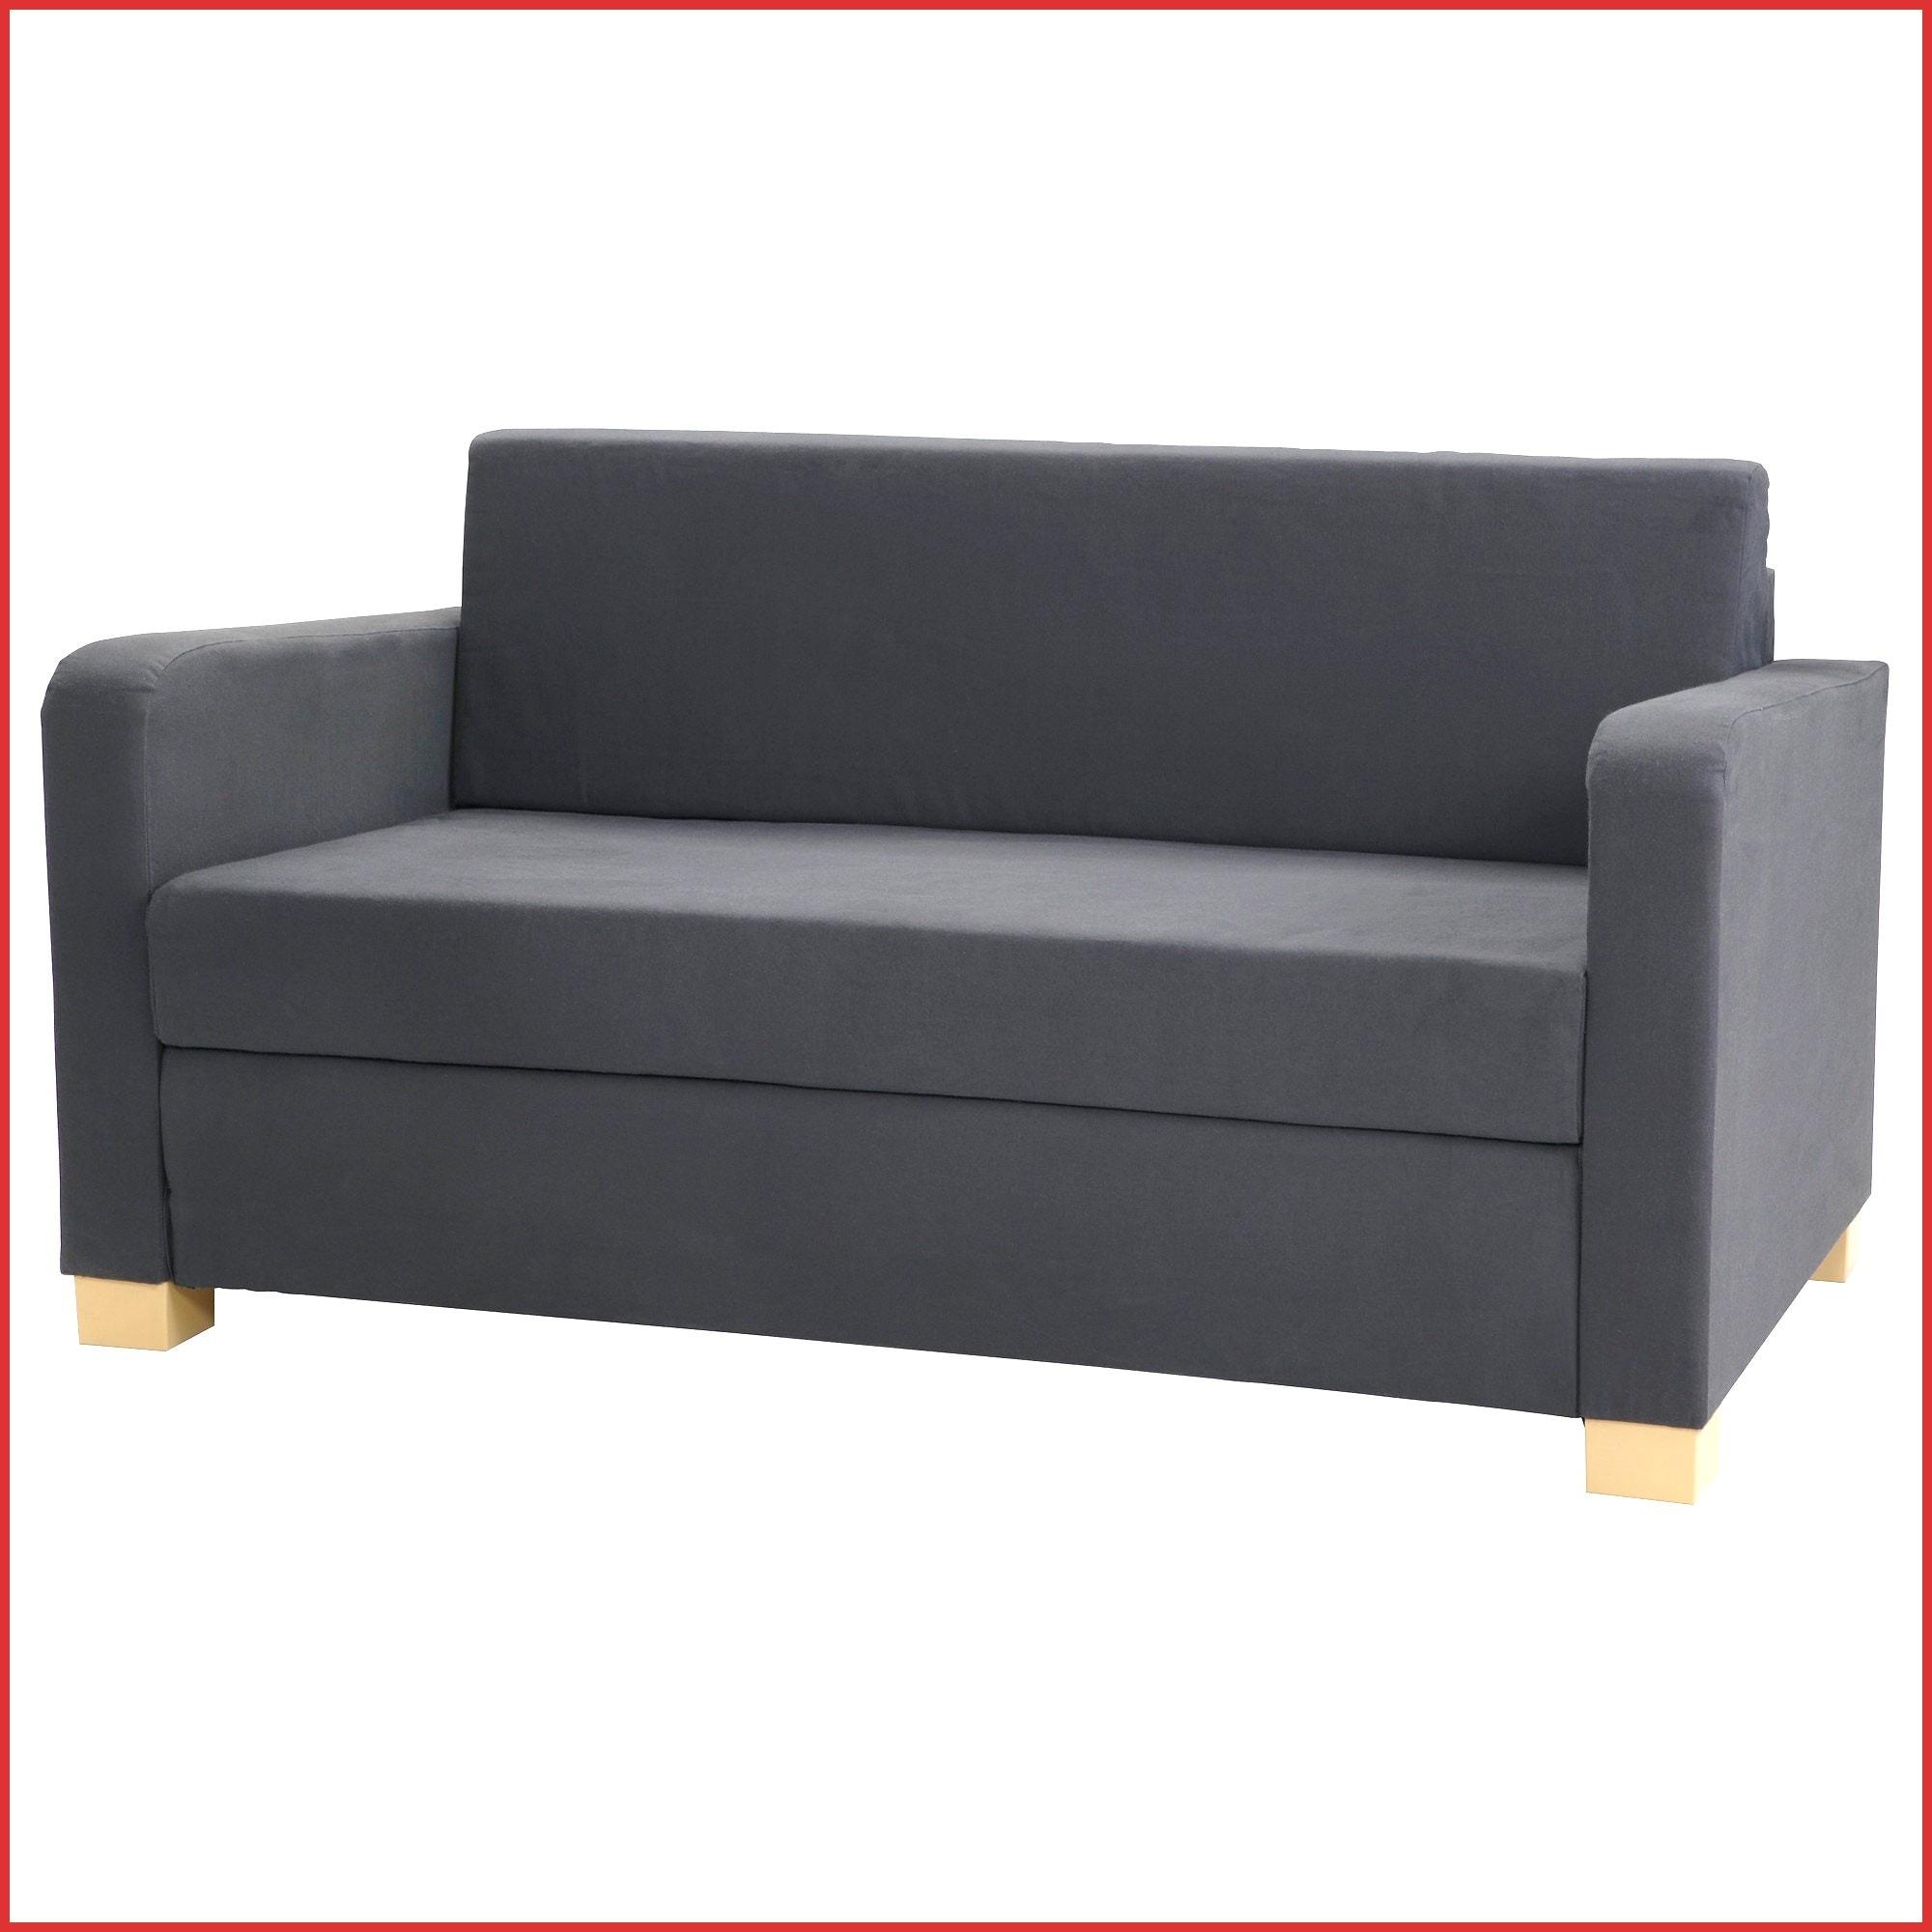 Plaid Pour Canape D Angle Élégant Photographie Housse Bz Luxe Jete De Canape Ikea Plaid Pas Cher Affordable Housse